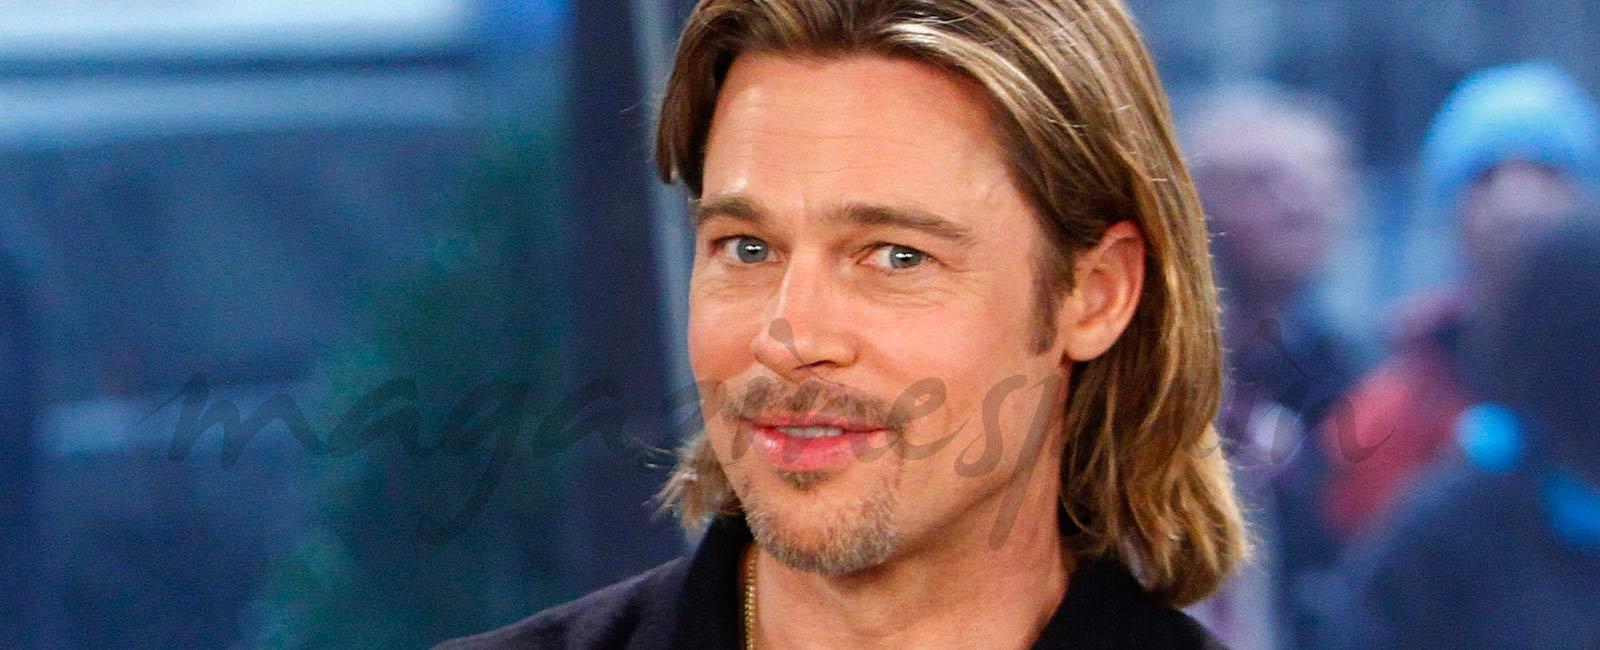 ¿A quién ofreció Brad Pitt 120 mil dólares para tener una cita?